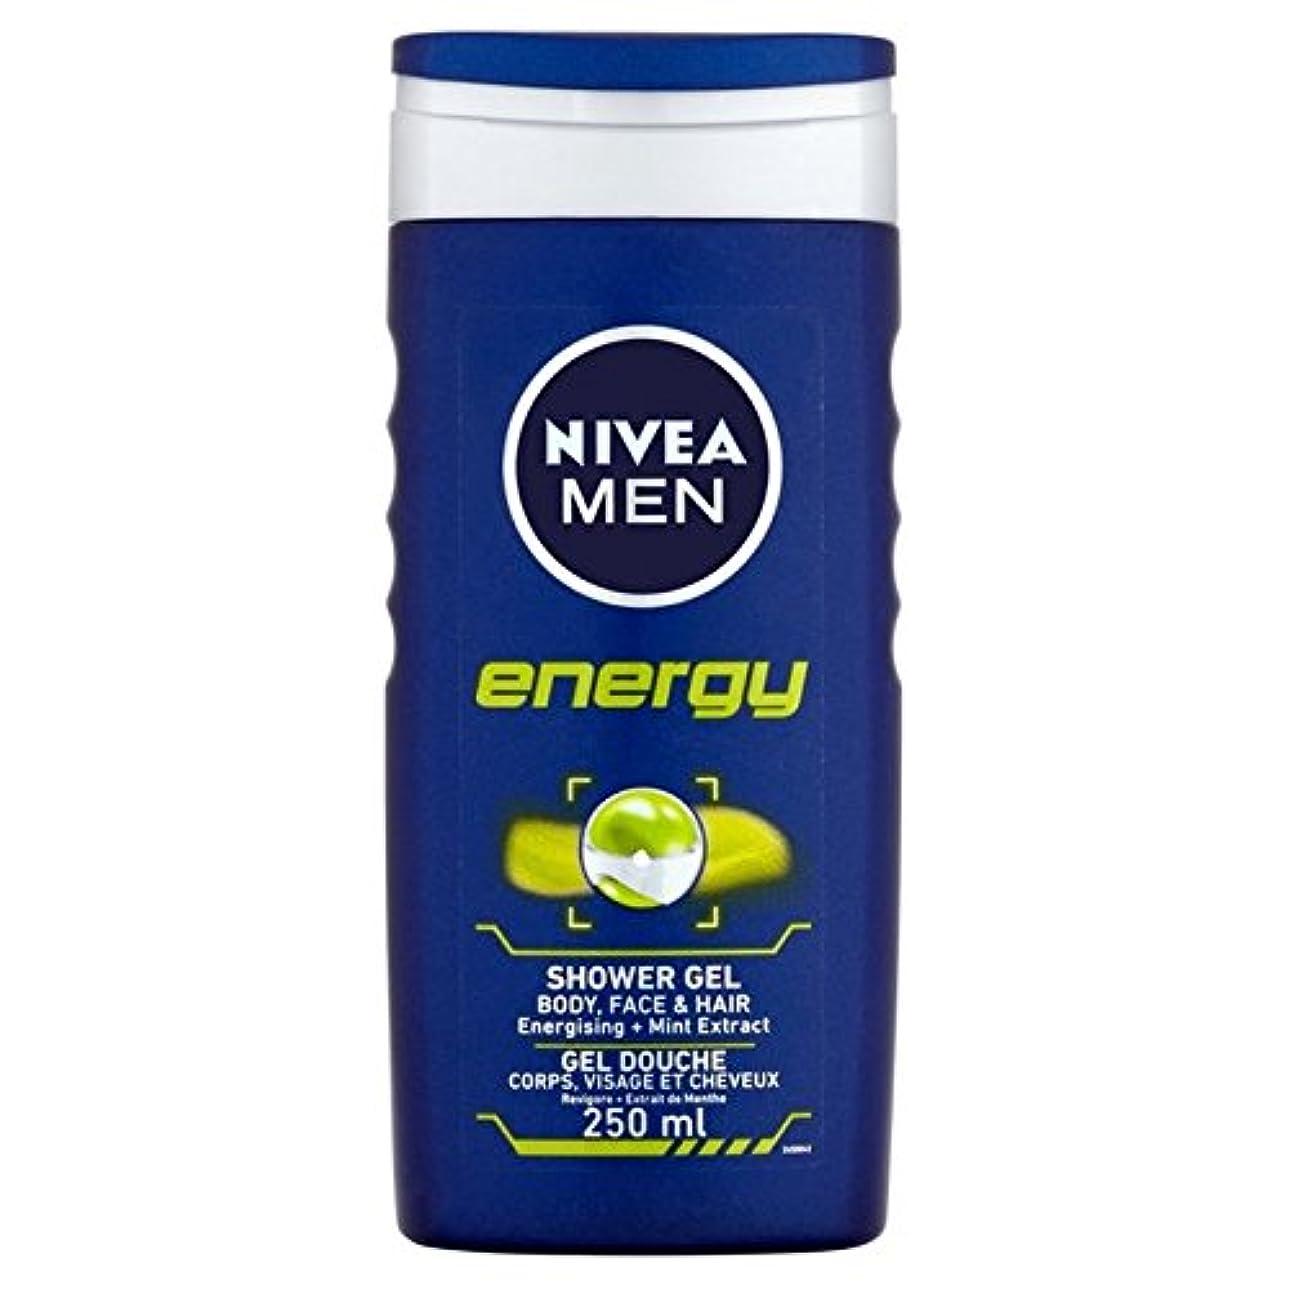 マニア領事館エクスタシーNivea Men Energy 2 in 1 Shower 250ml - 1つのシャワー250ミリリットル中ニベアの男性のエネルギー2 [並行輸入品]